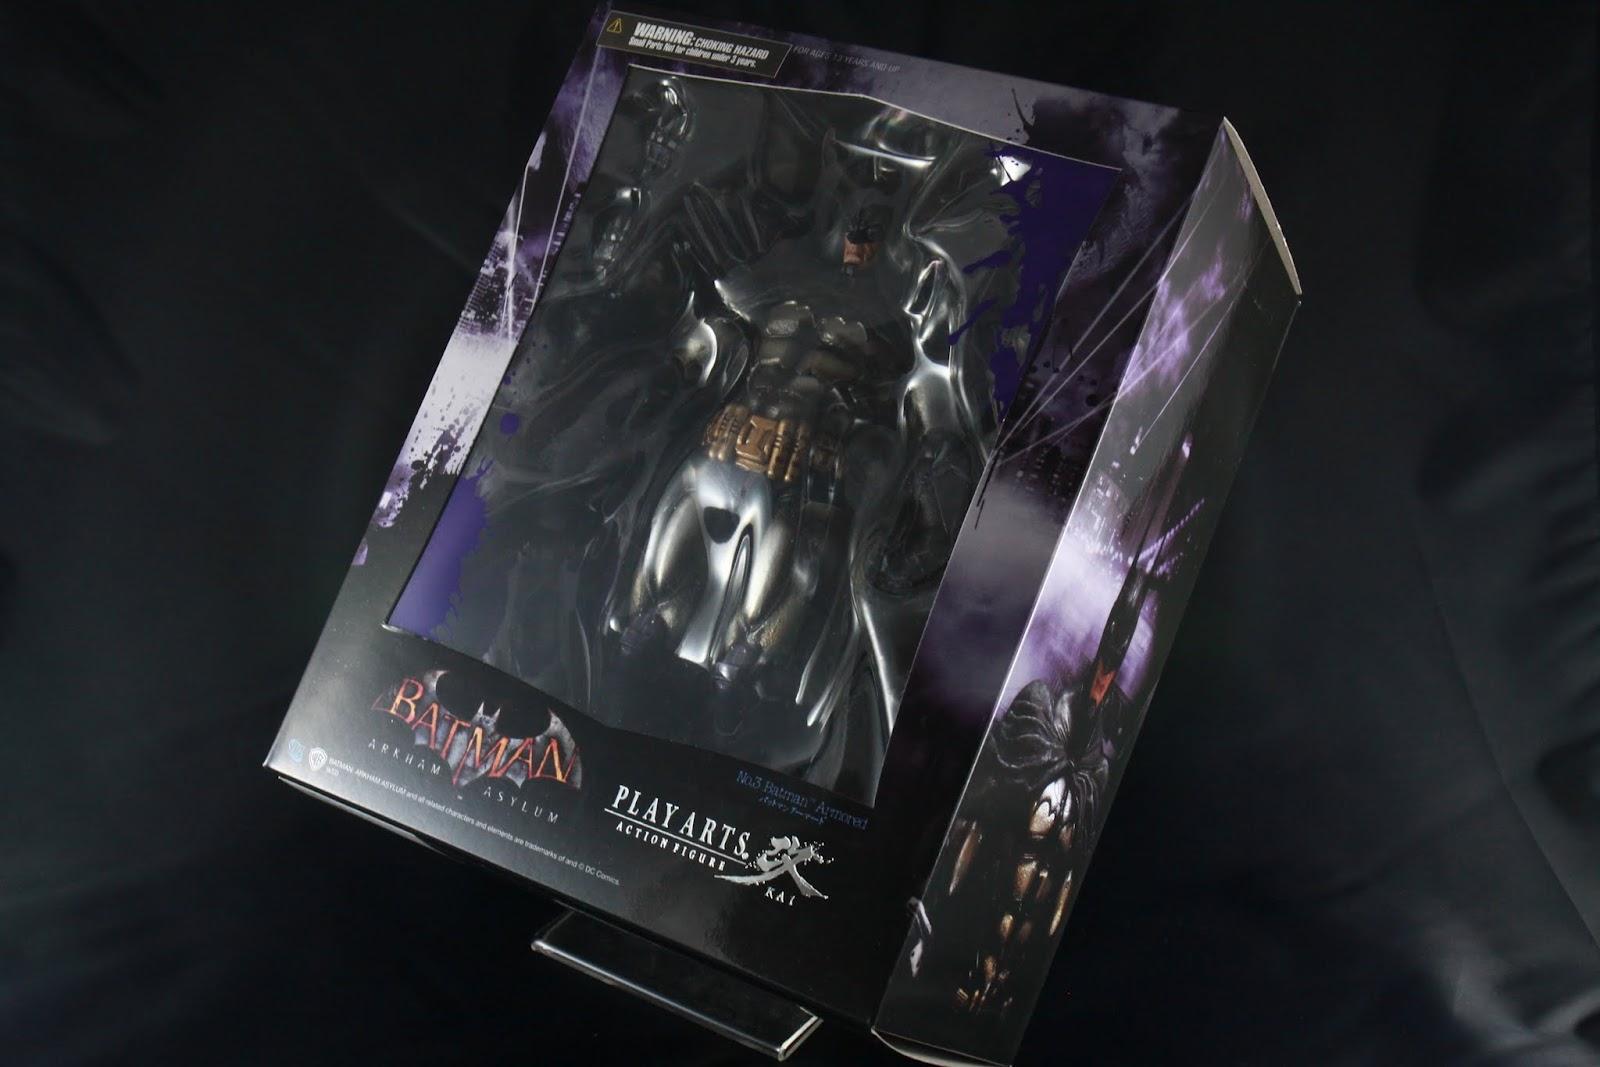 跟第四彈的Harley Quinn一樣是紫色風格的外盒